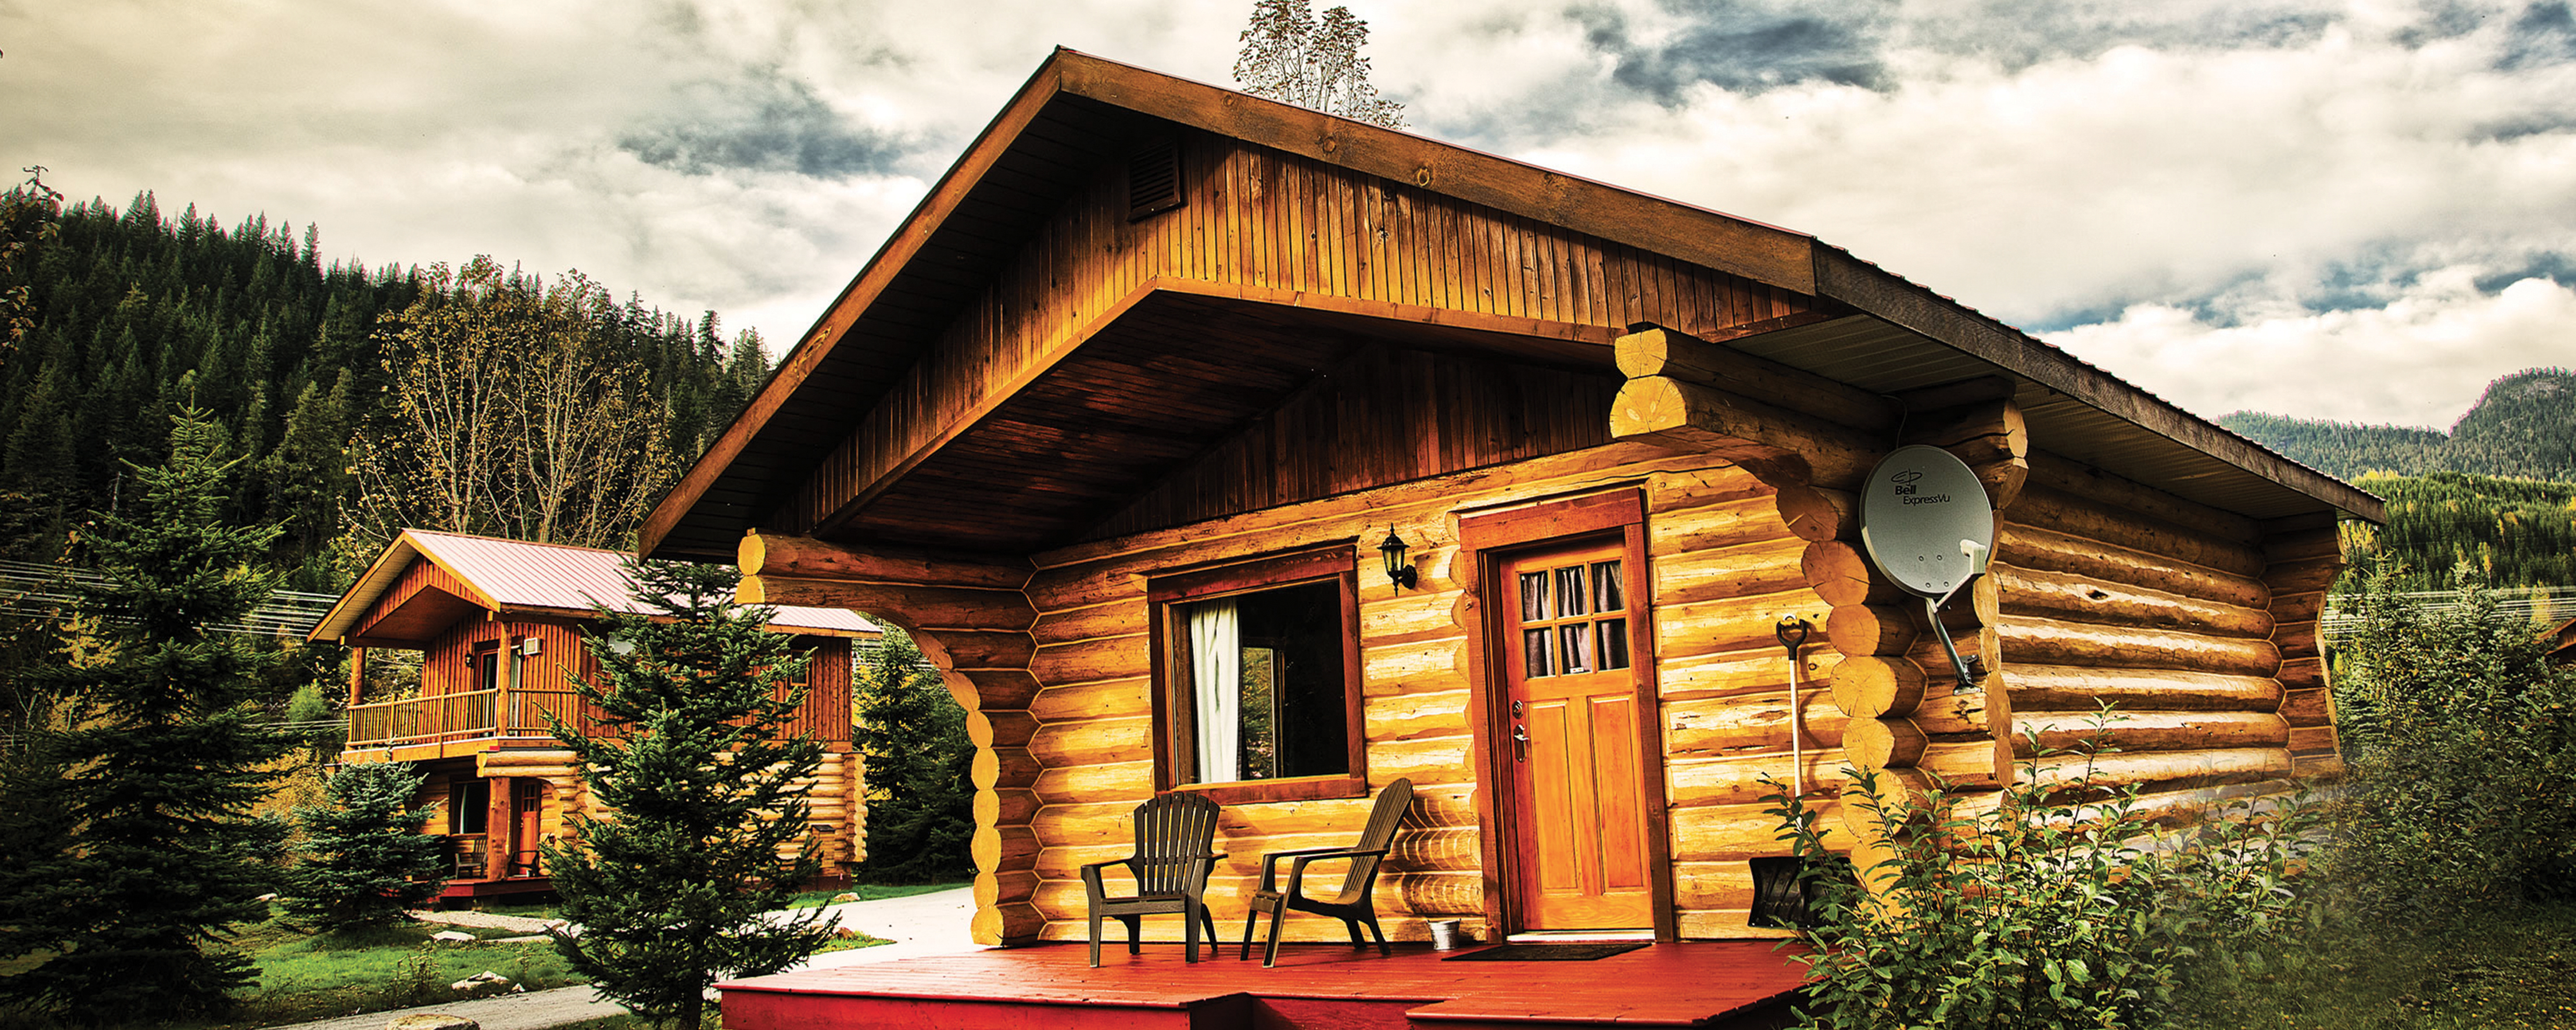 Log Cabin at Glacier House Resort